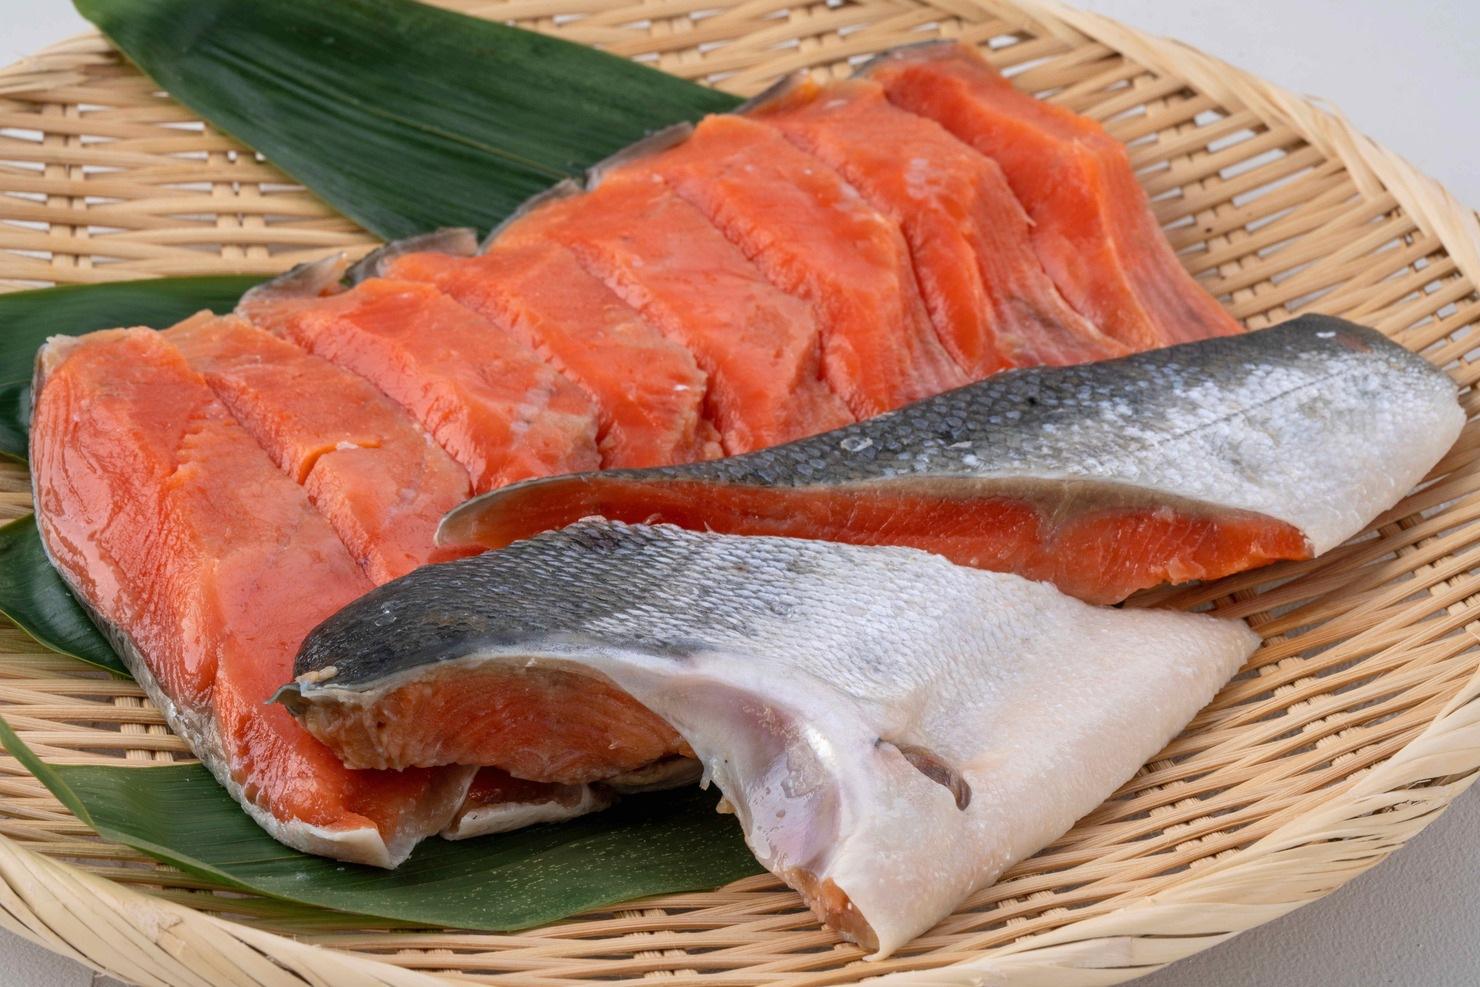 函館朝市にある船岡商店の甘塩紅鮭切身の半身セット,竹ざるに盛られた鮭の塩焼き用の切身10切れ